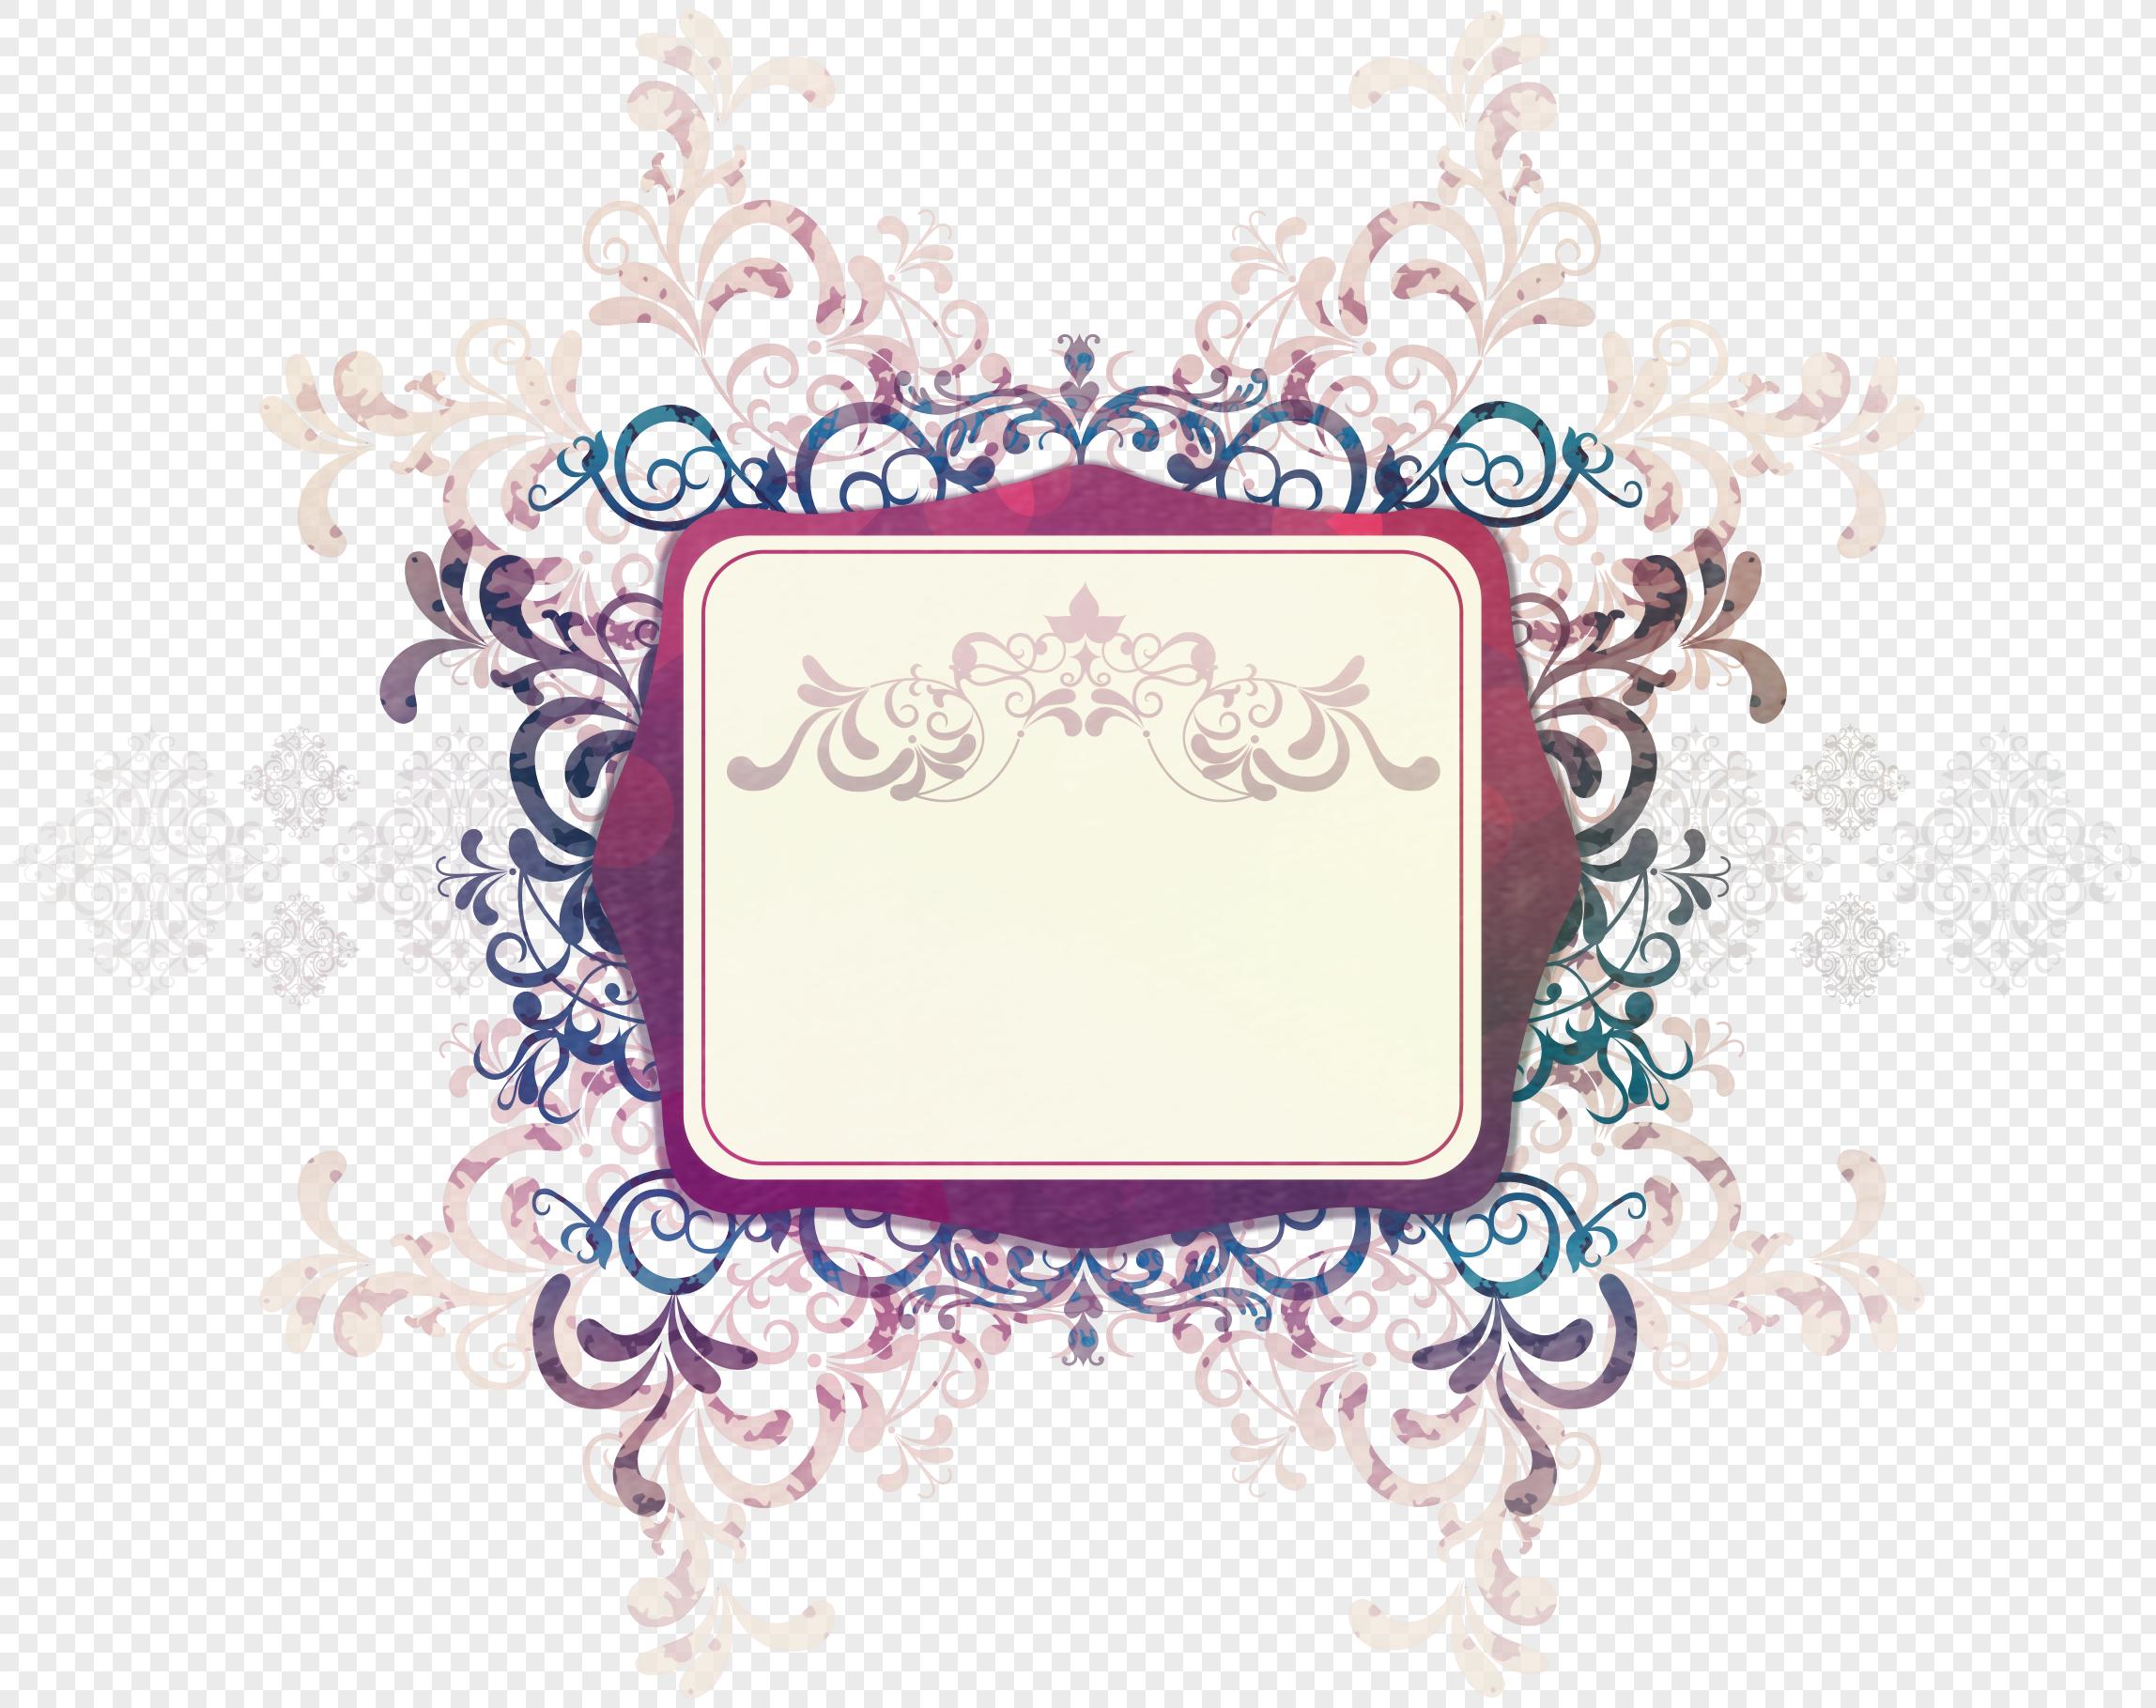 欧式花纹边框元素素材png格式_设计素材免费下载_vrf图片